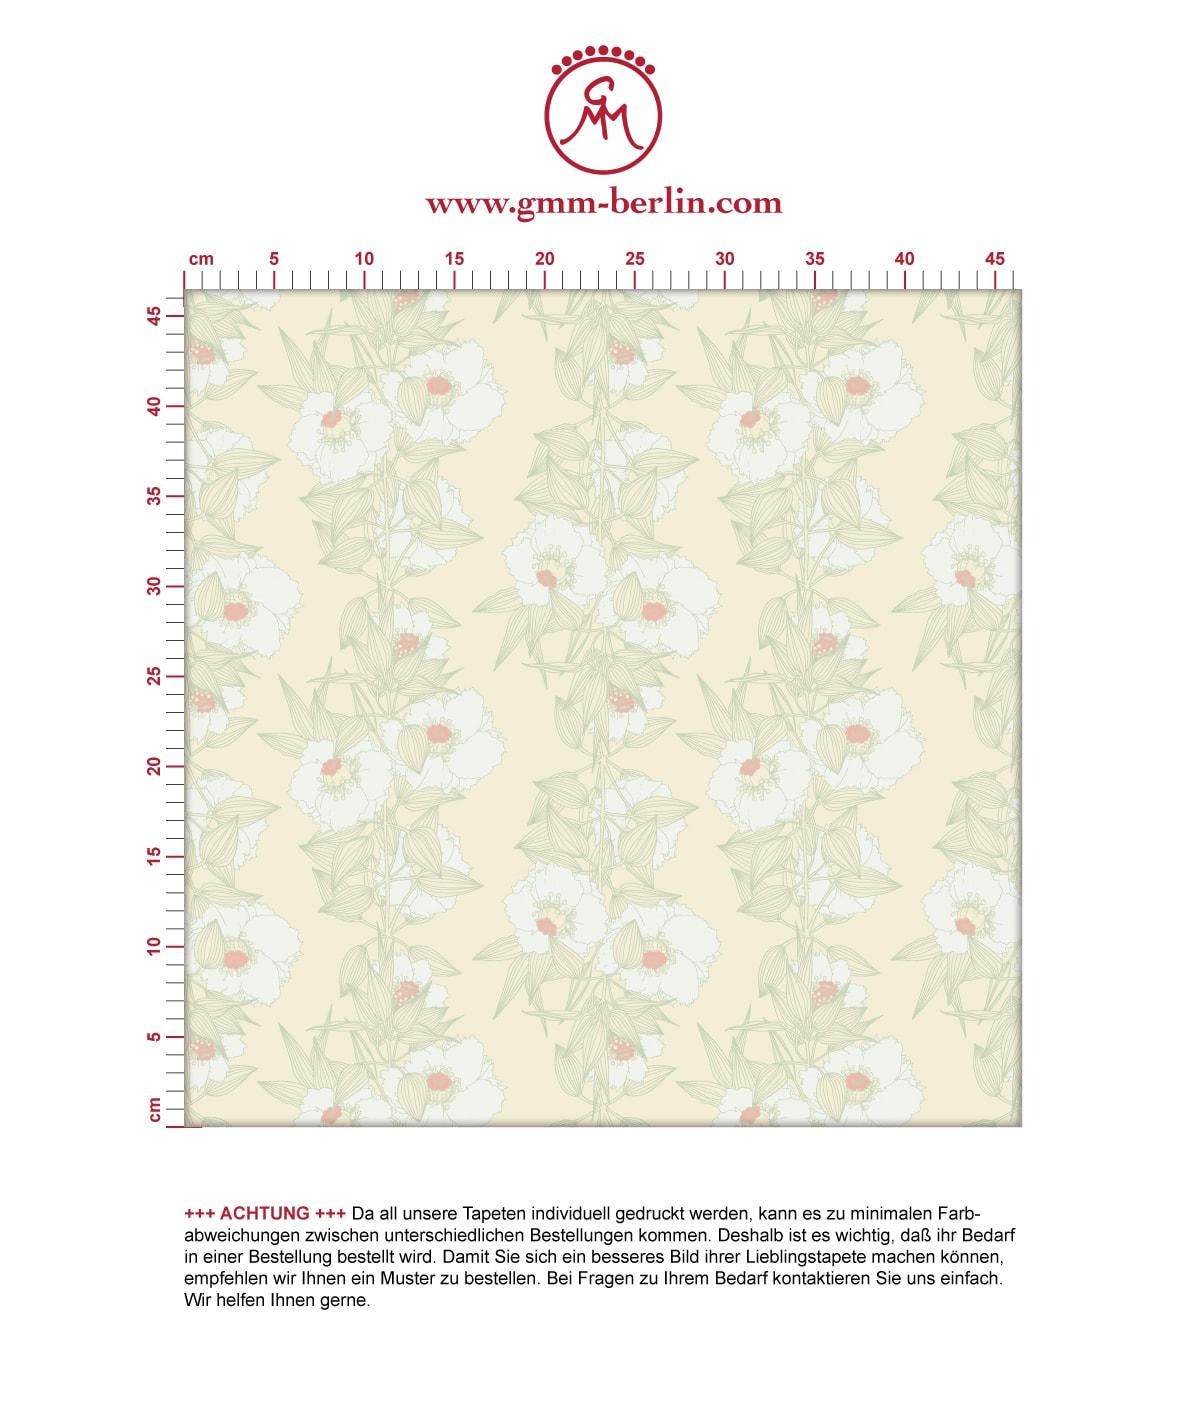 Mint Blumentapete Garten Eden Blüten Ranken, Design Tapete für Ihr Zuhause 3